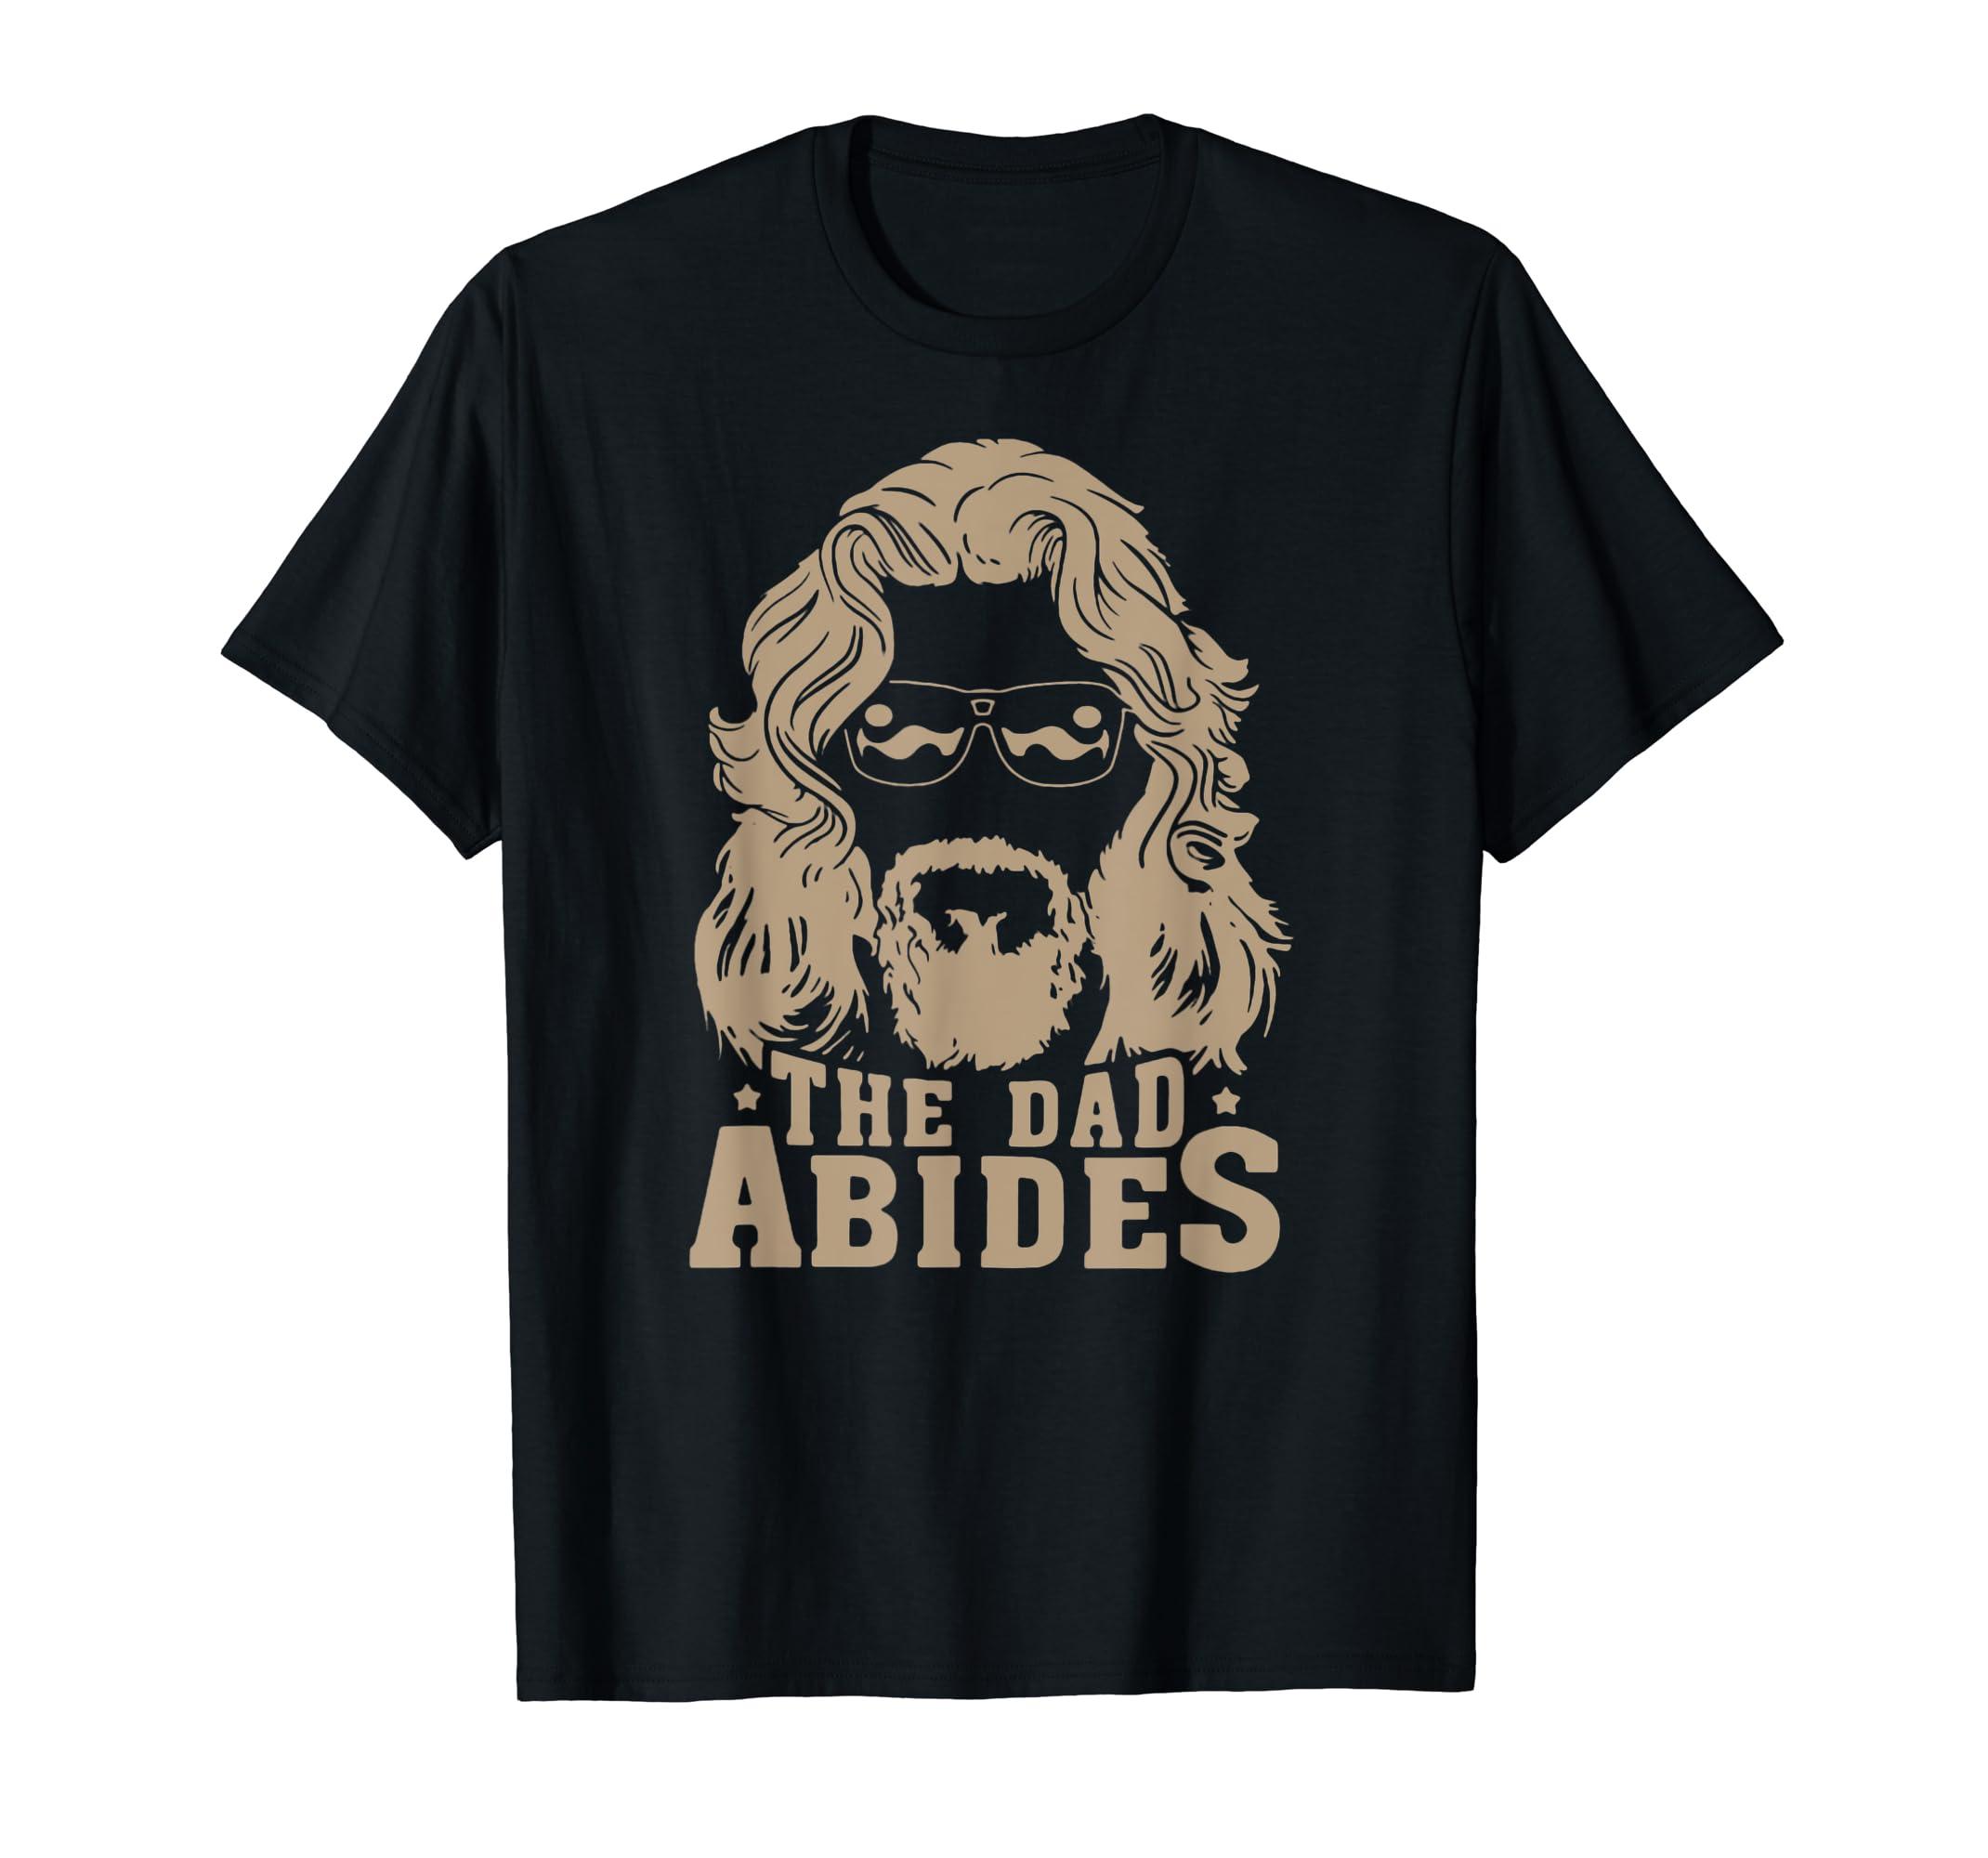 The dad abides t-shirt-ANZ